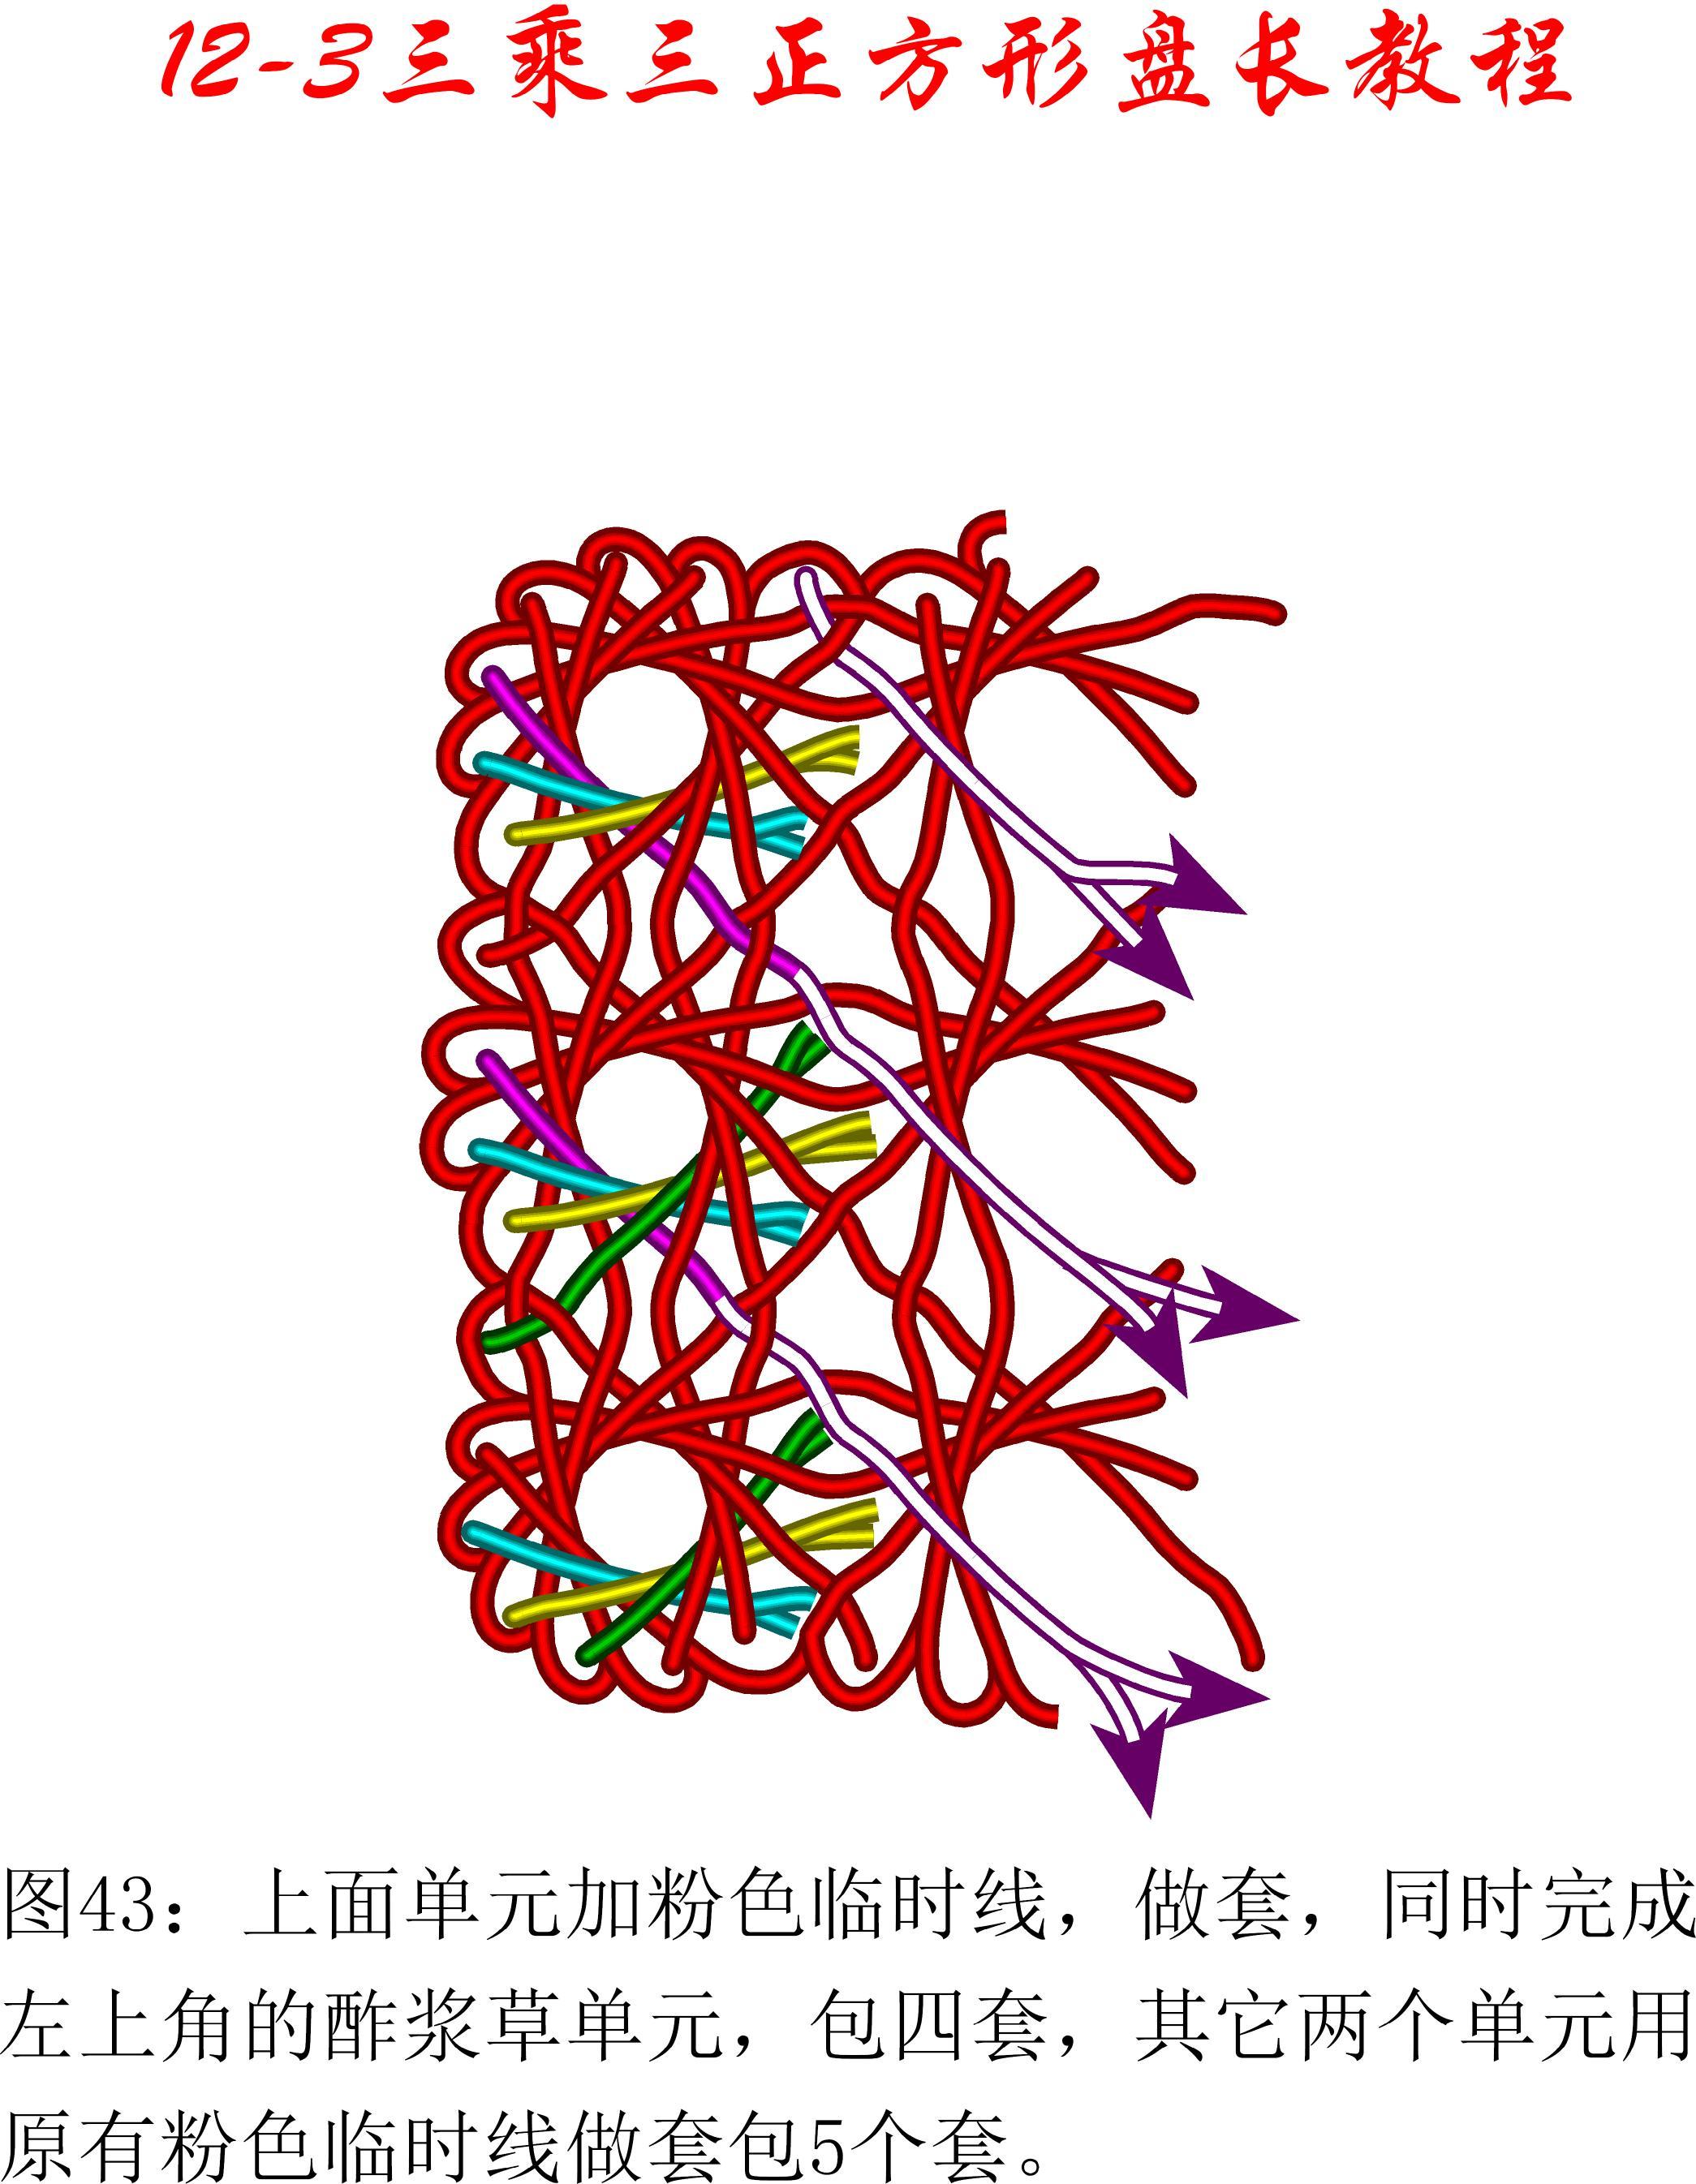 中国结论坛 12-3盘长平行扩展方法---3乘3方形盘长 方形,方形脸怎么办 丑丑徒手编结 093112qyy22wx2kubukkzb